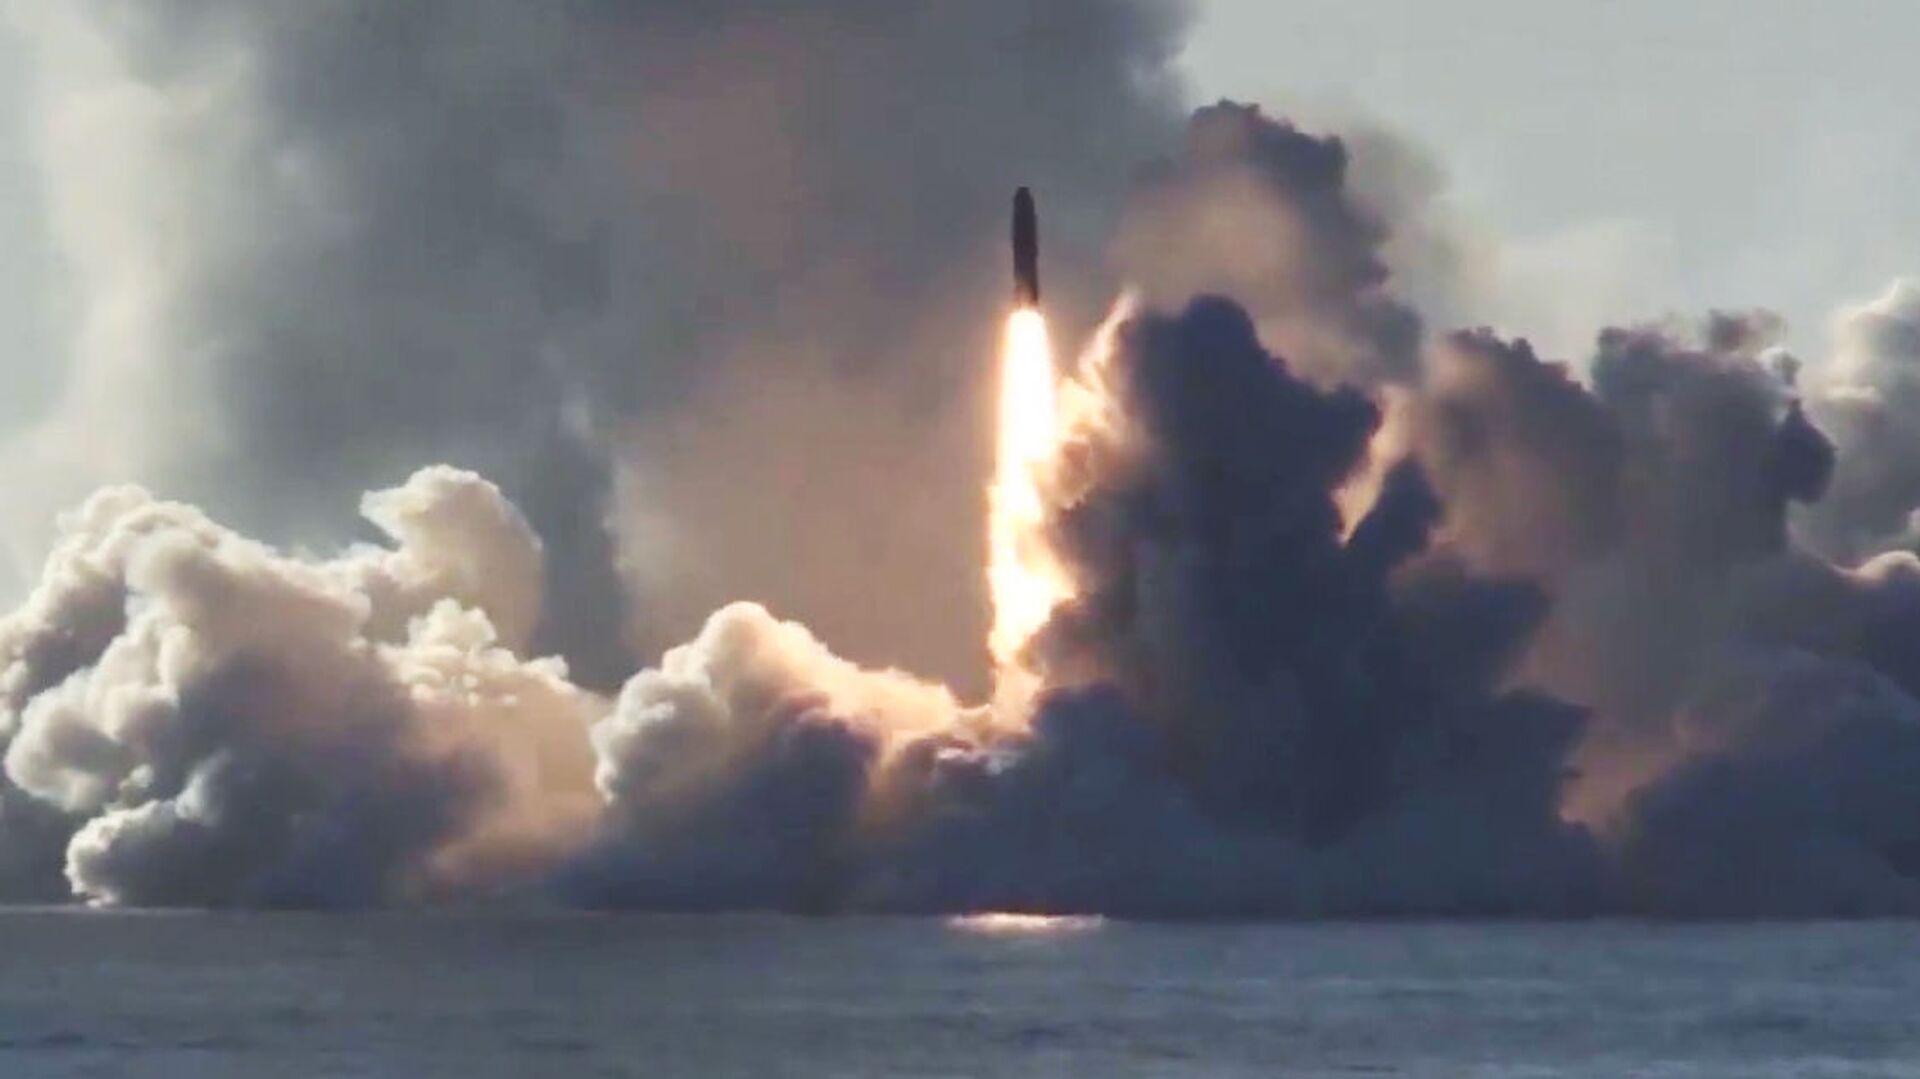 Lanzamiento de prueba del misil ruso (archivo) - Sputnik Mundo, 1920, 28.04.2021